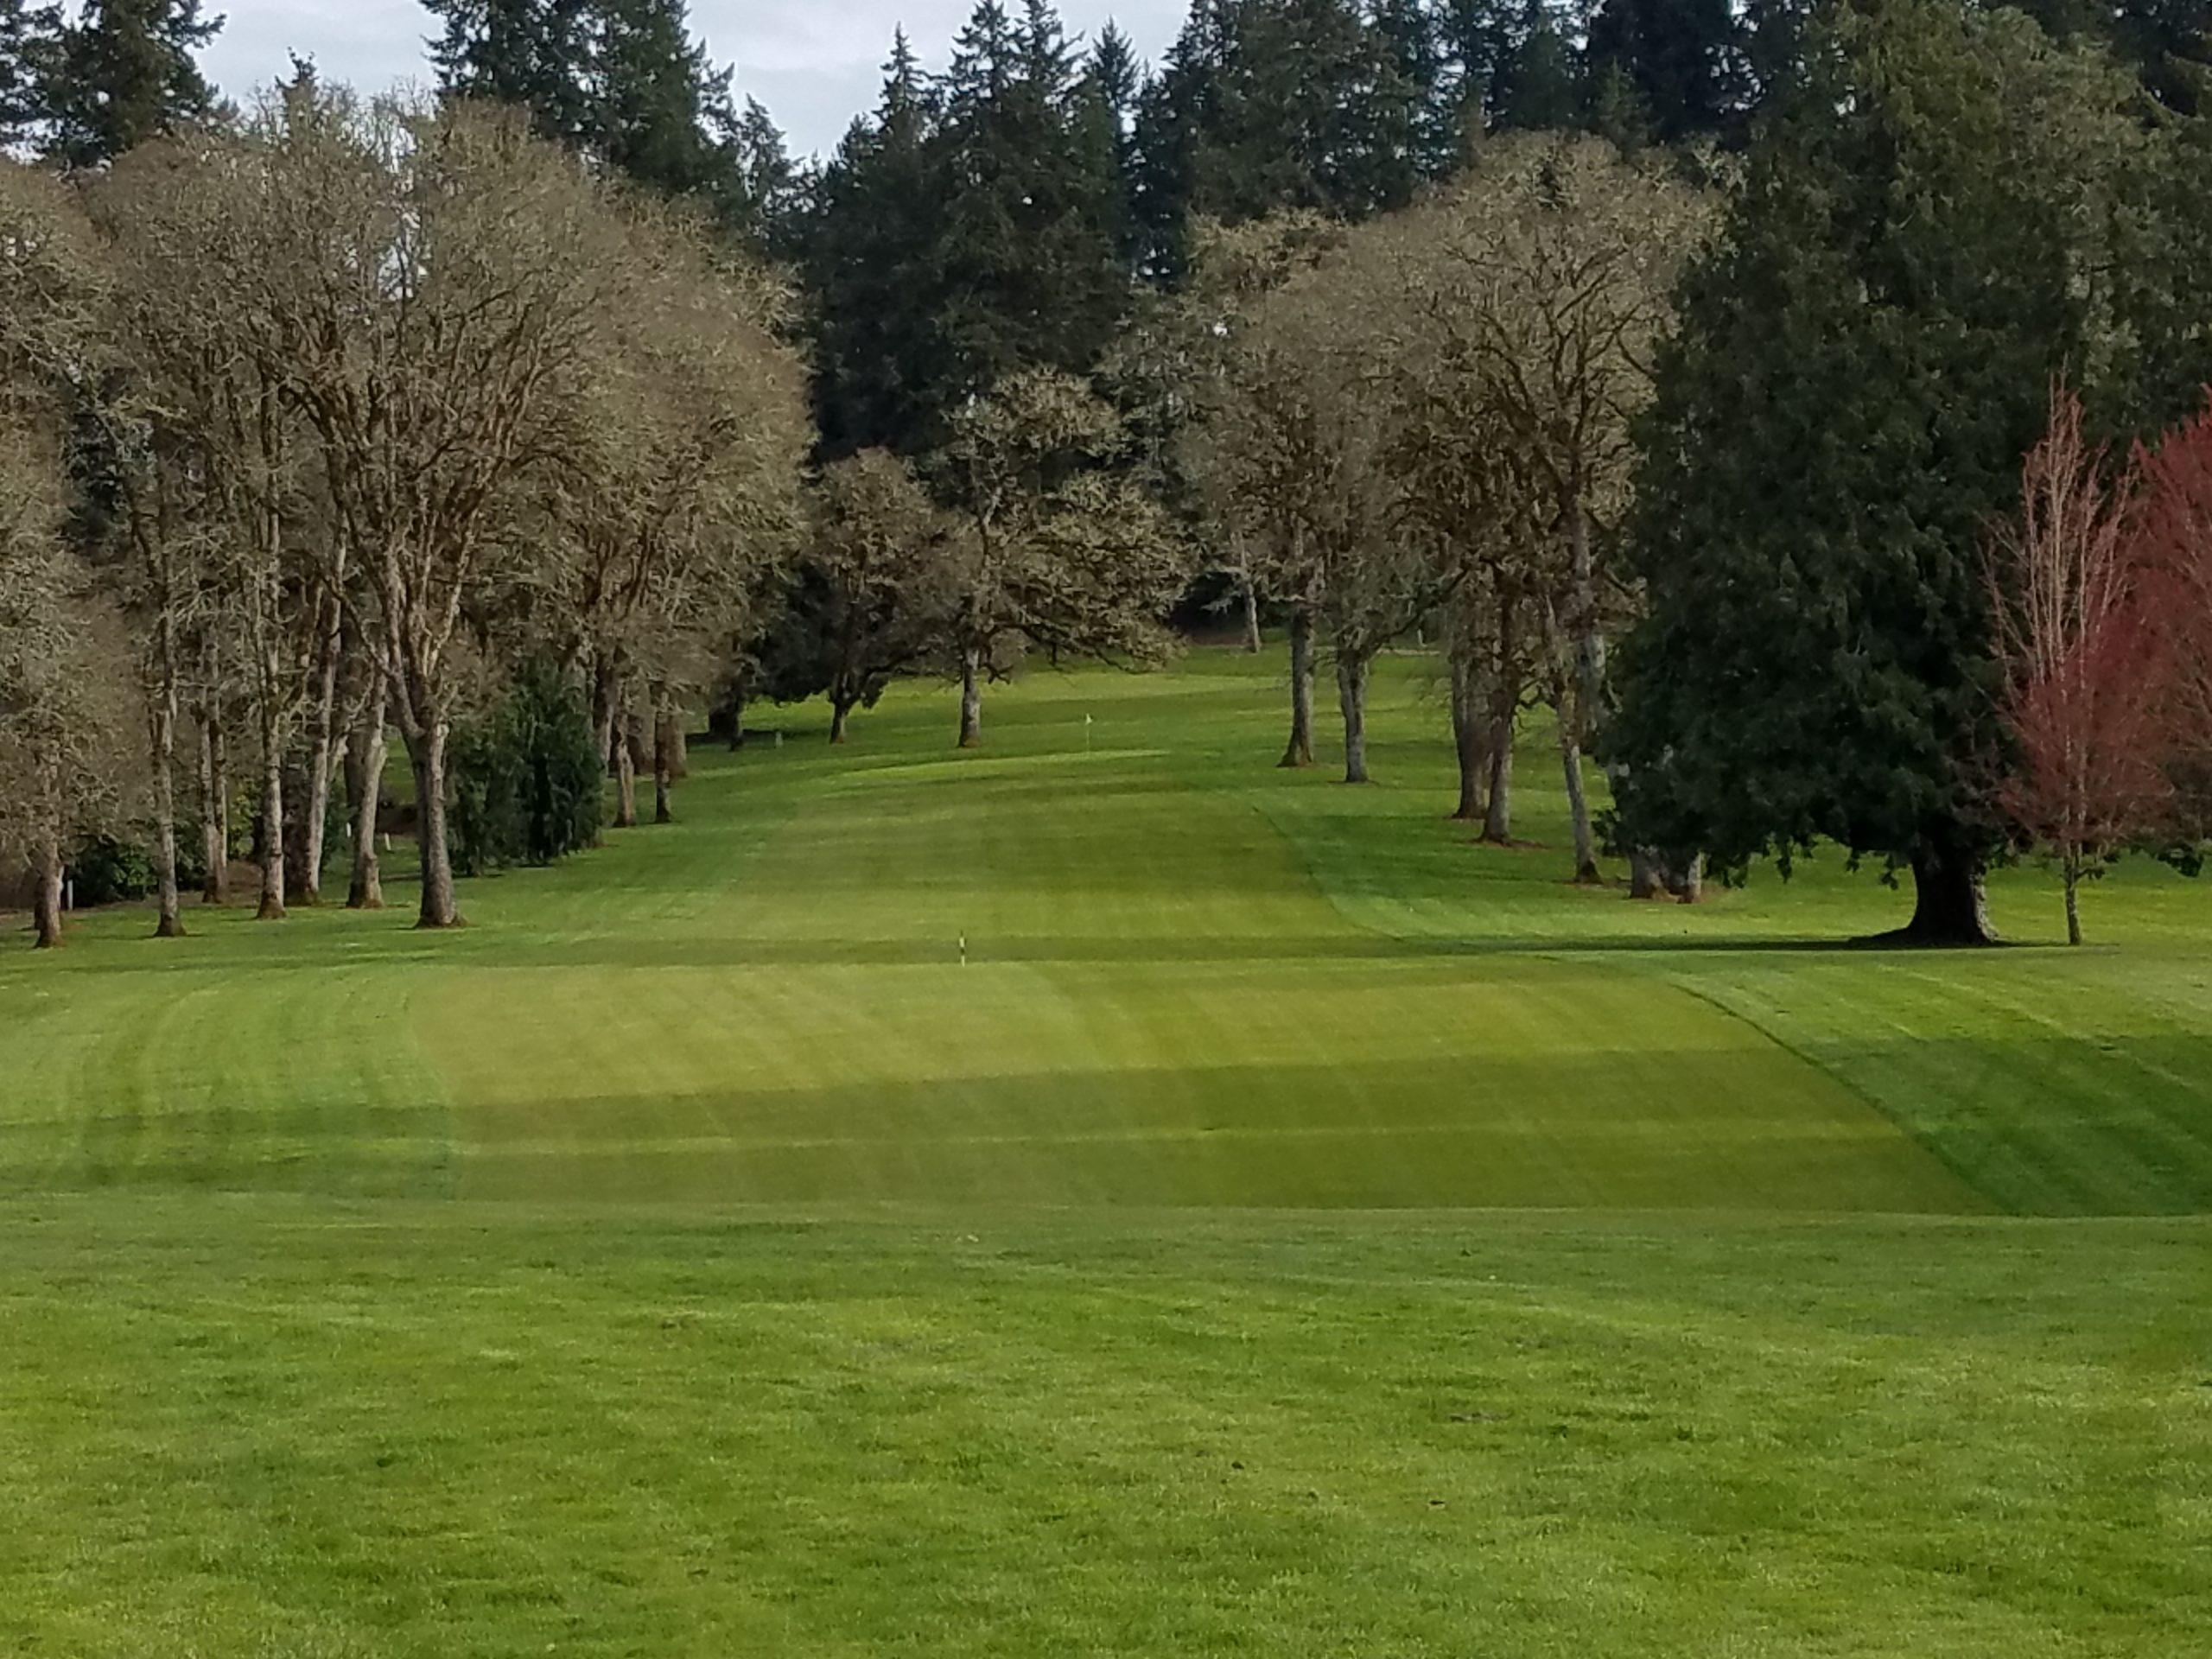 Corvallis Club 10th hole fairway